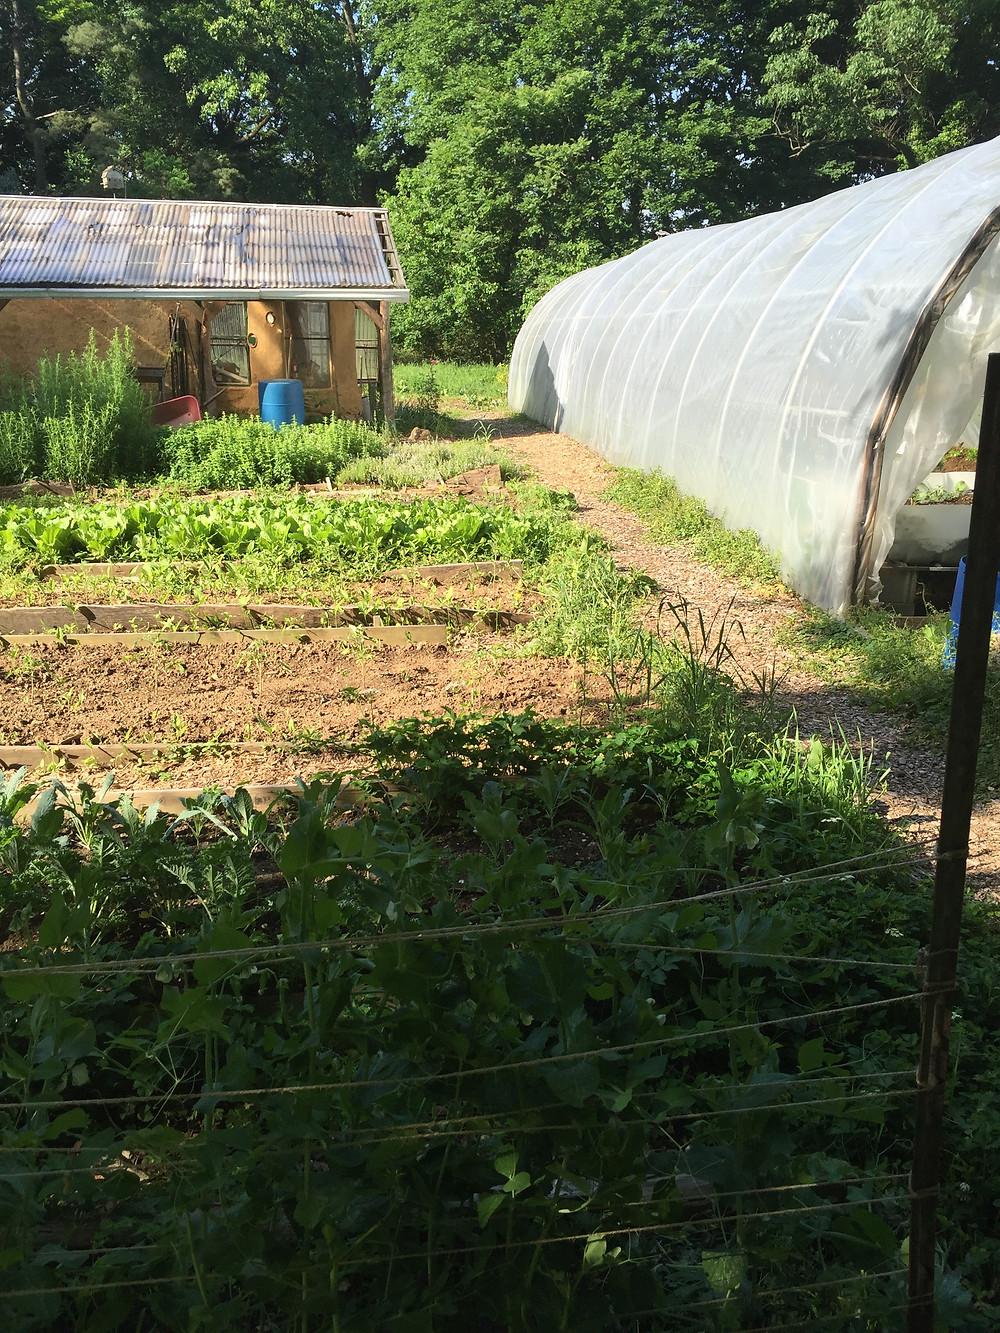 More of the garden.